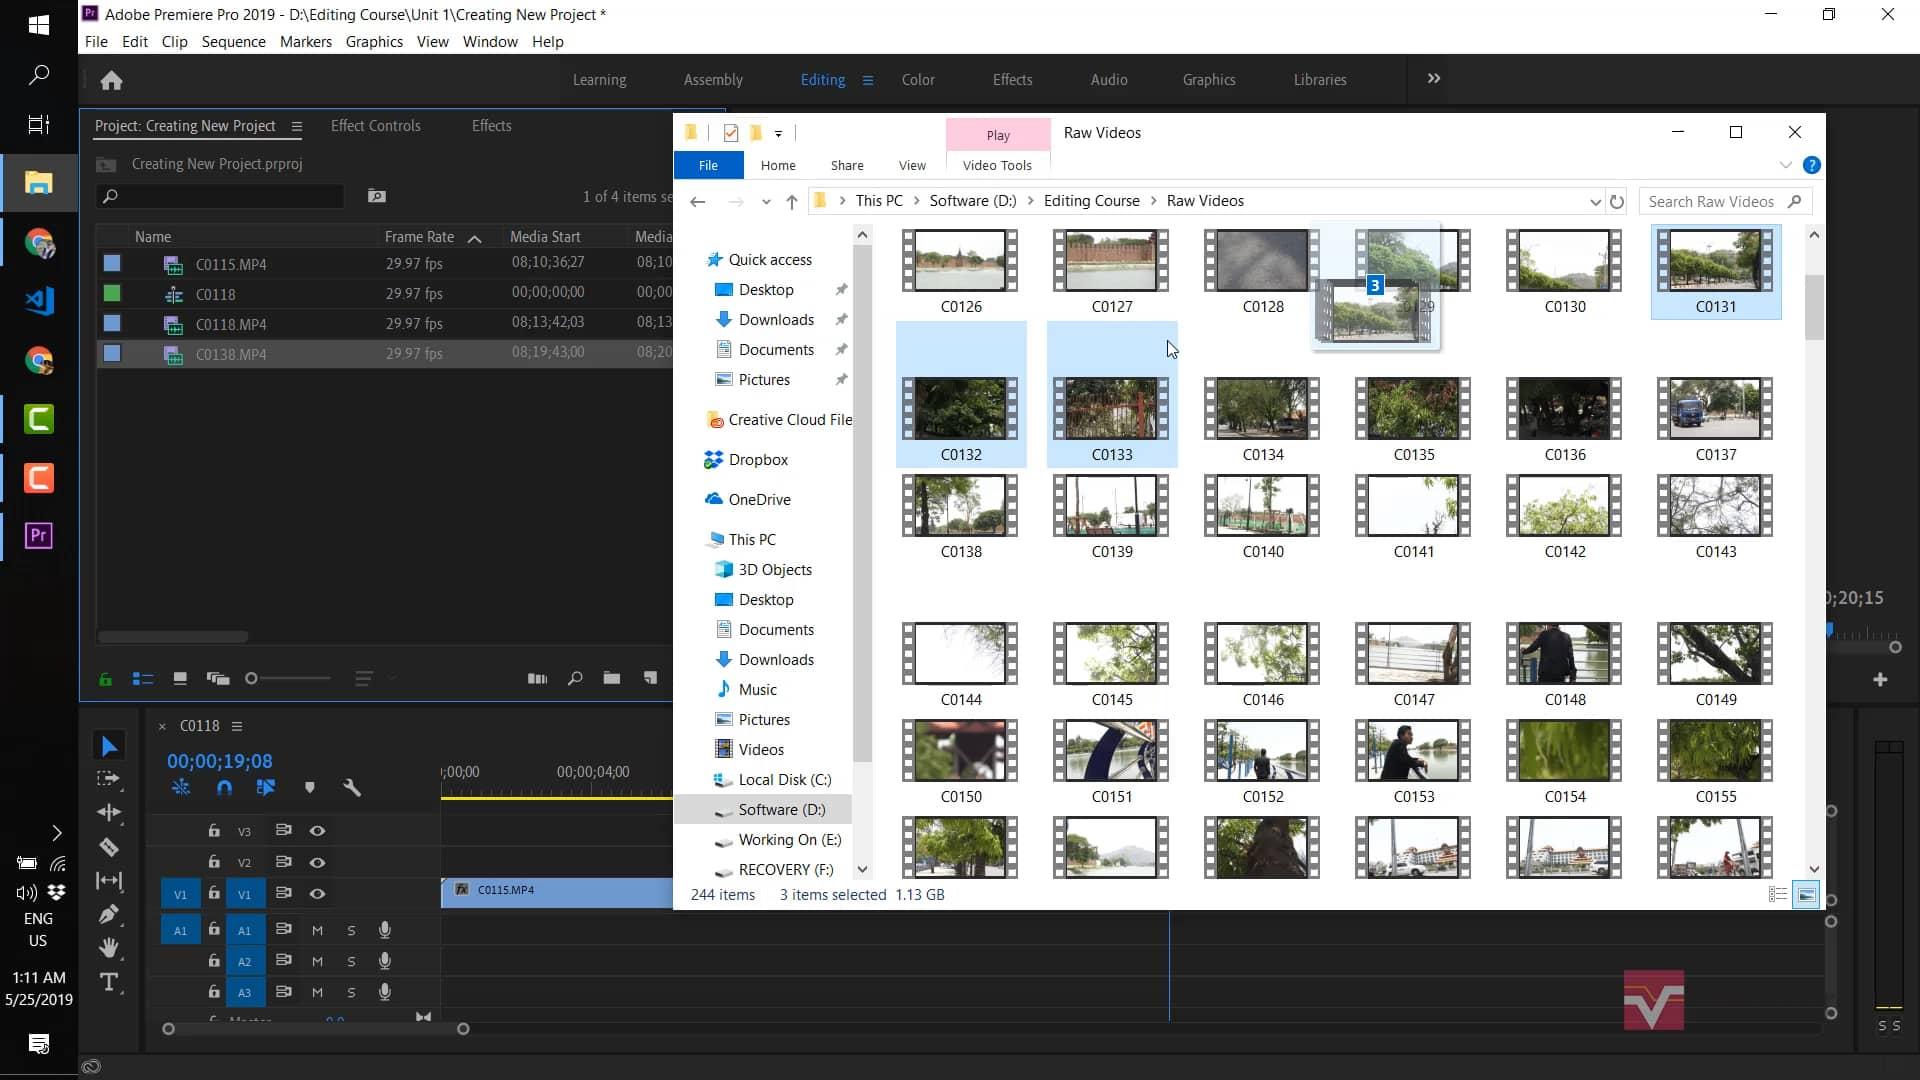 003 Editing လုပ်ရန် ဗီဒီယိုဖိုင်များထည့်ခြင်းနှင့် မူရင်းဗီဒီယိုမှ အသံဖိုင်များခွဲထုတ်ခြင်း